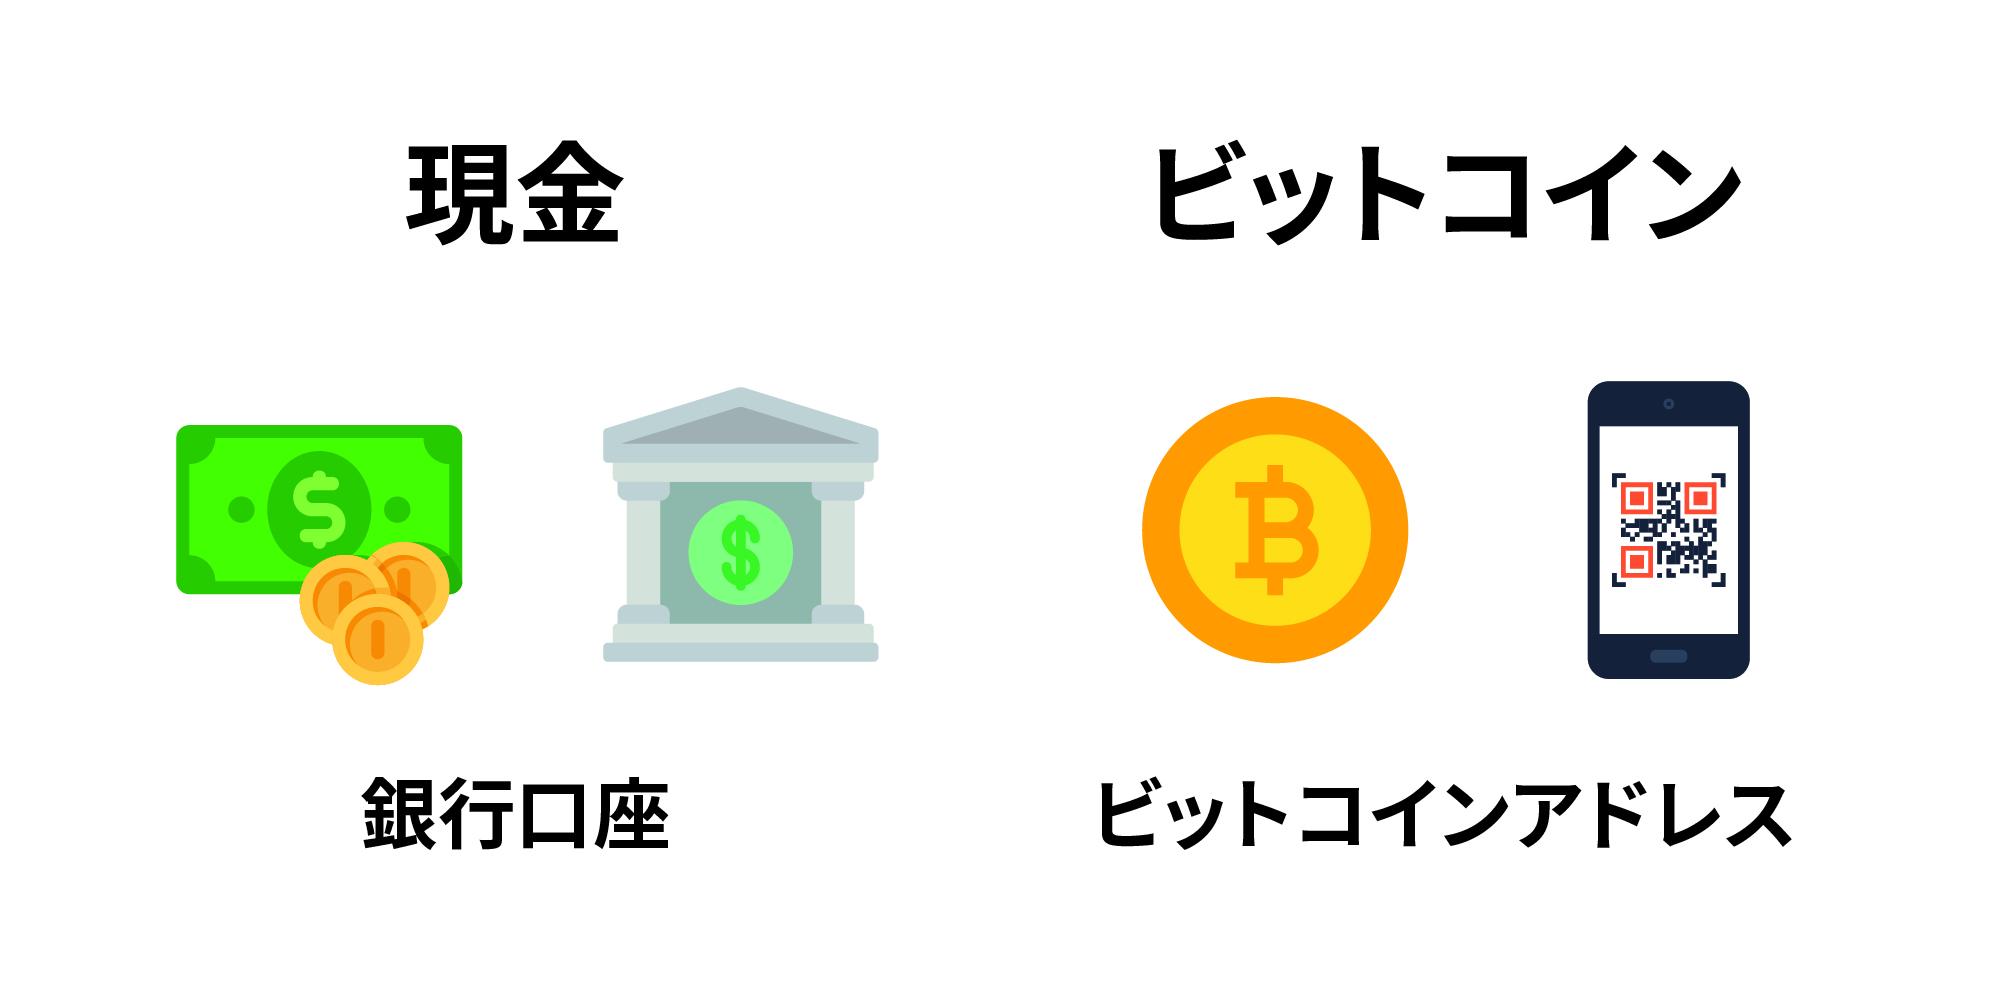 ビット コイン アドレス